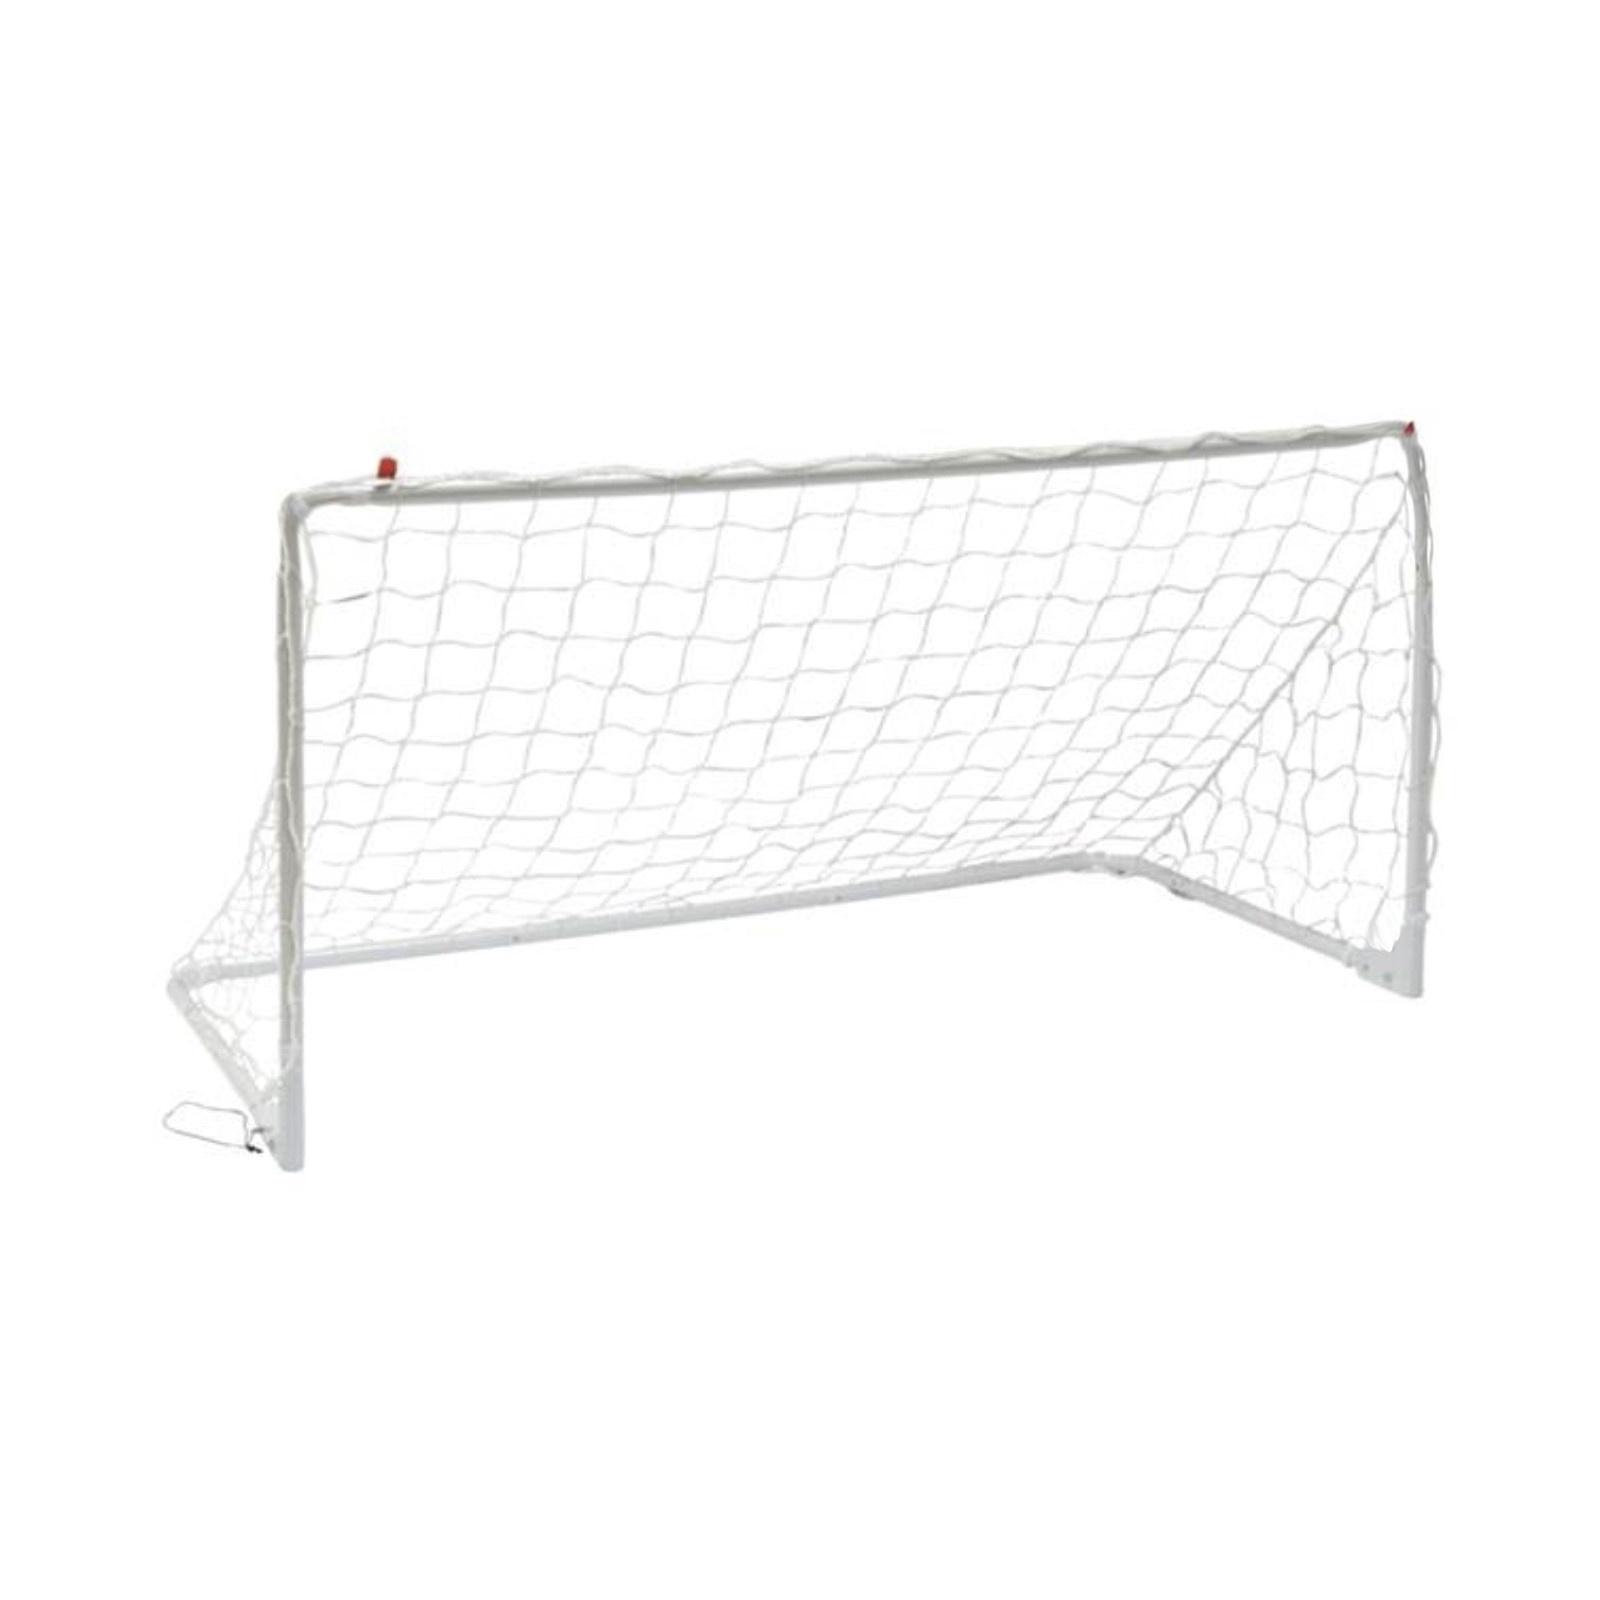 Футбольные ворота DFC складные GOAL240S, белый dfc ворота складные с тентом goal240st